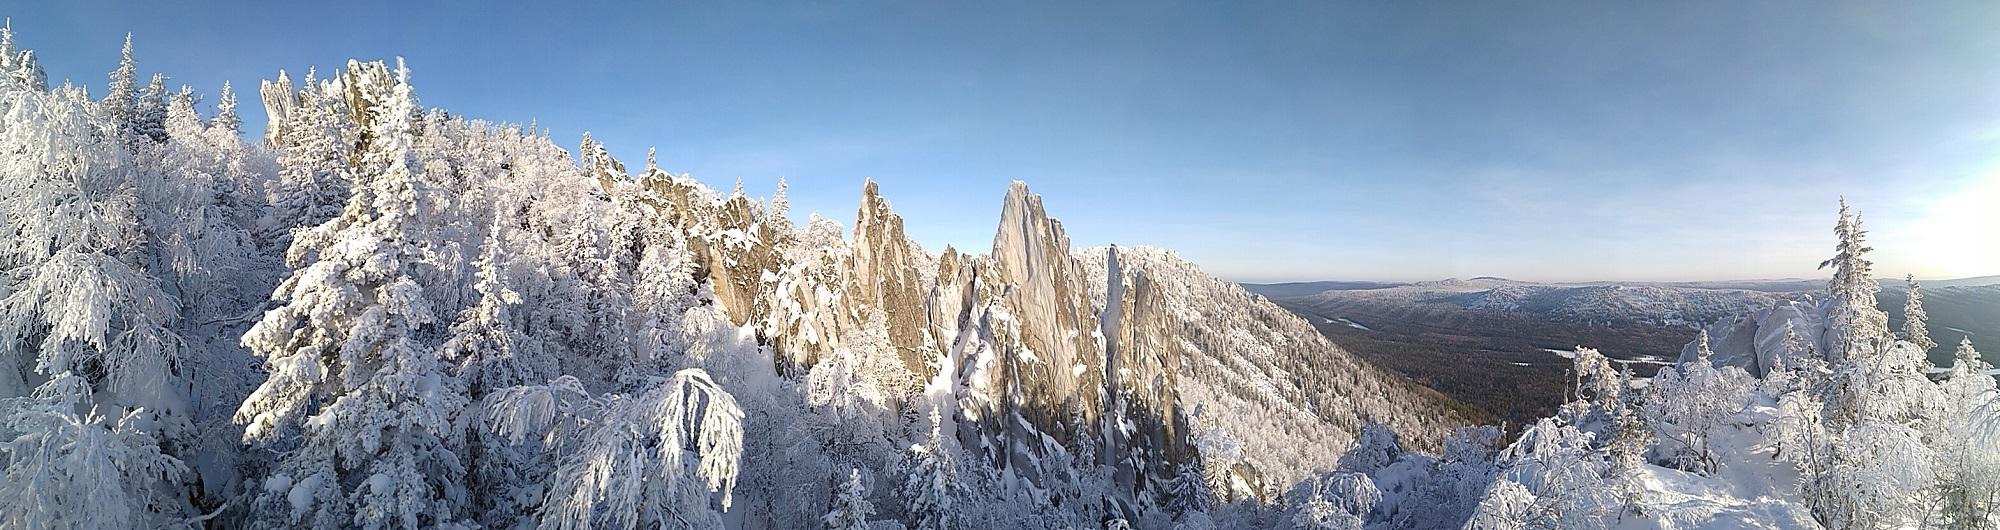 Панорама с южной вершины Двуглавой сопки